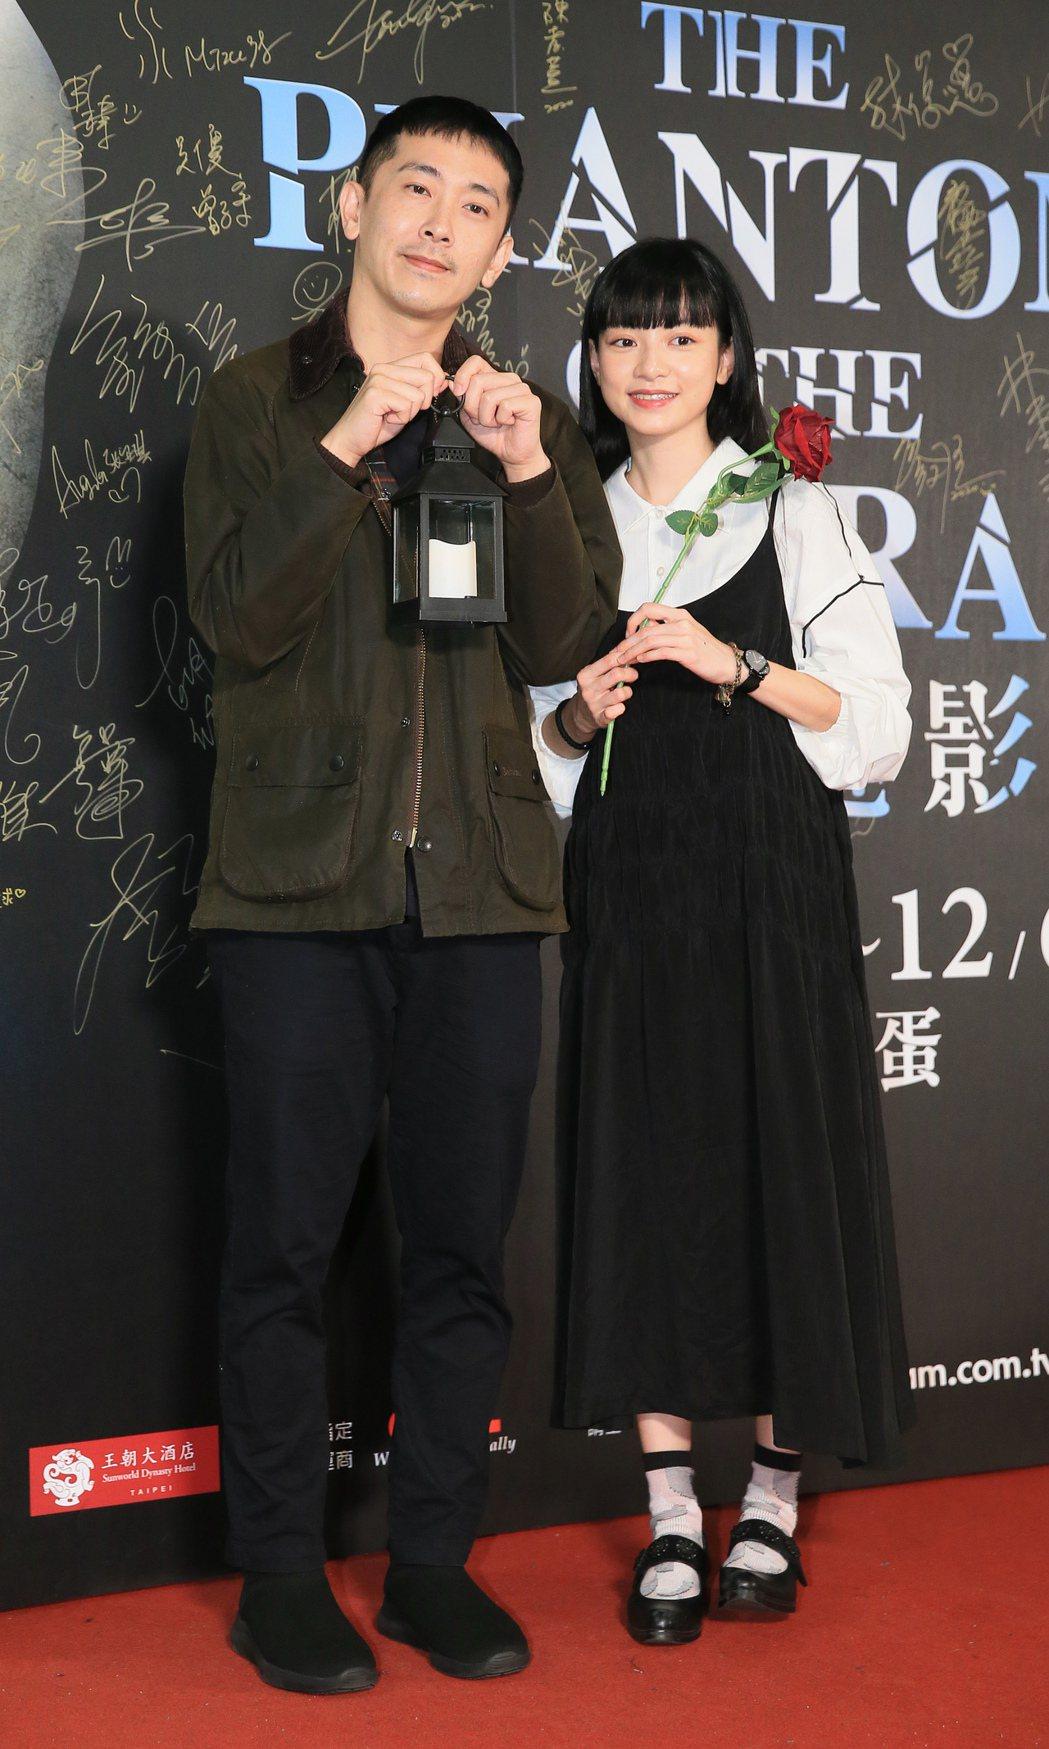 歌劇魅影開演第二周,姚愛寗(右)與施名帥(左)前來觀影。記者潘俊宏/攝影